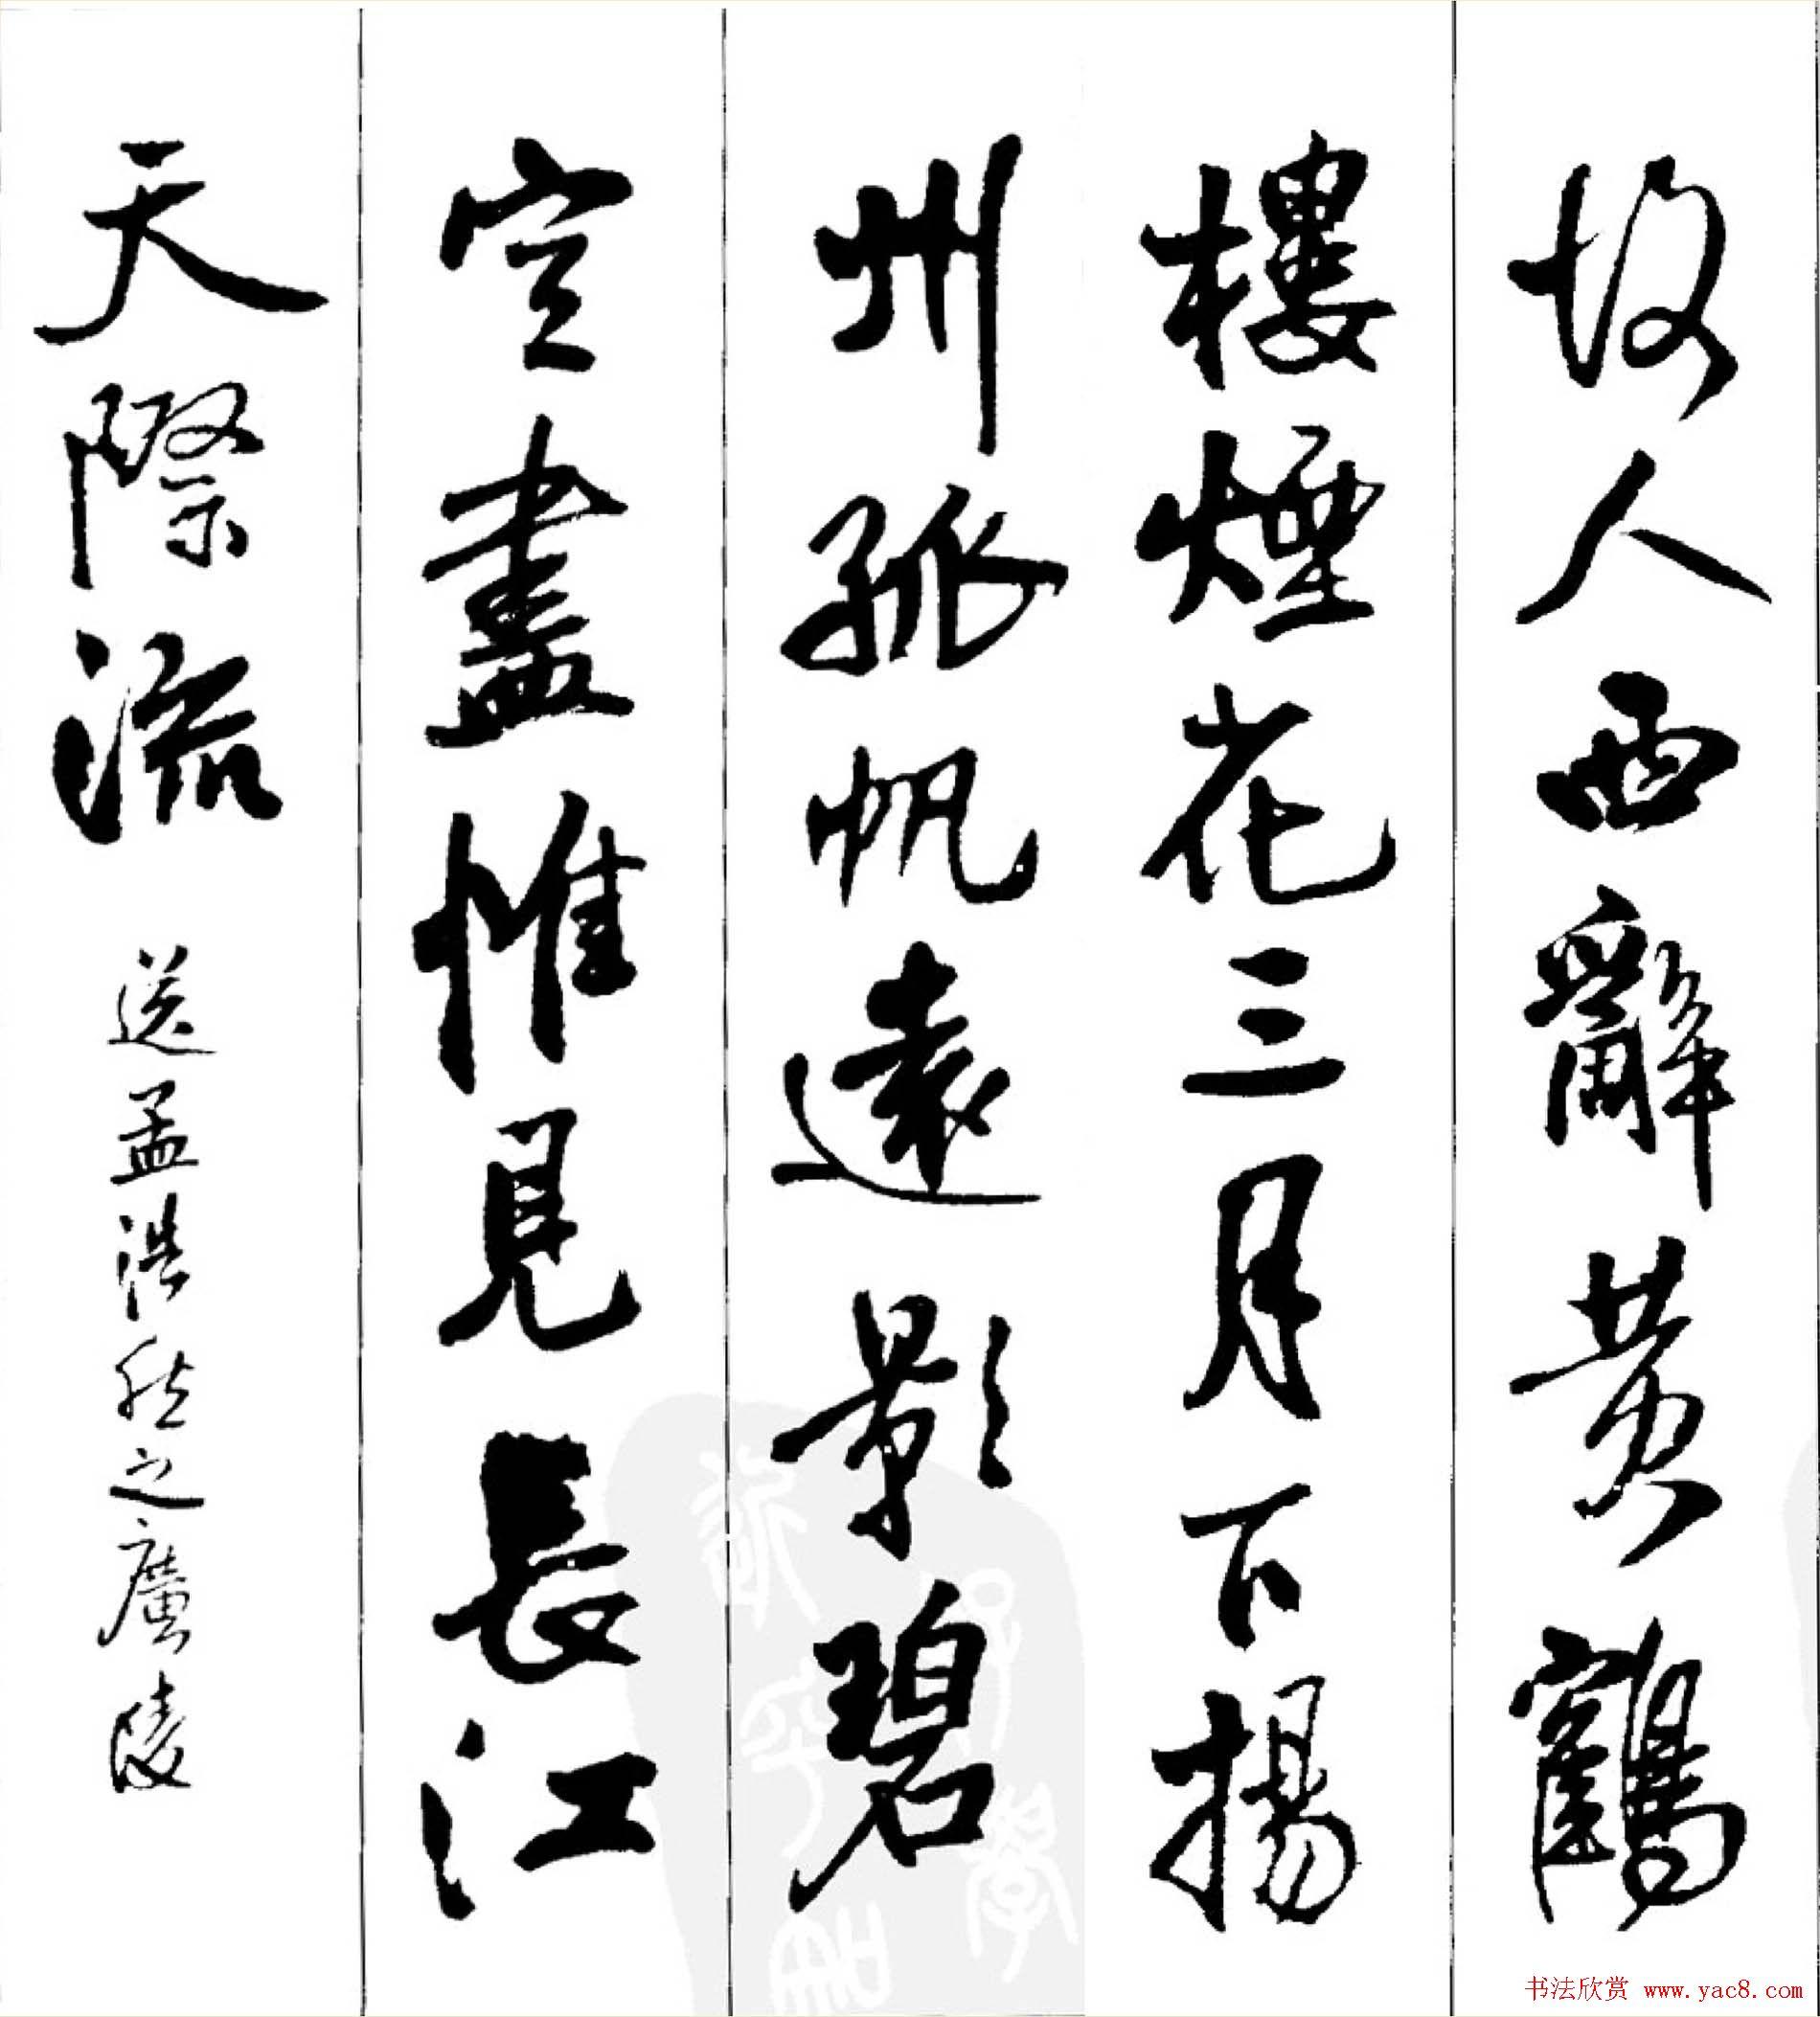 王铎古诗字帖v古诗《集字七言视频21首》(9)耿占春行书图片